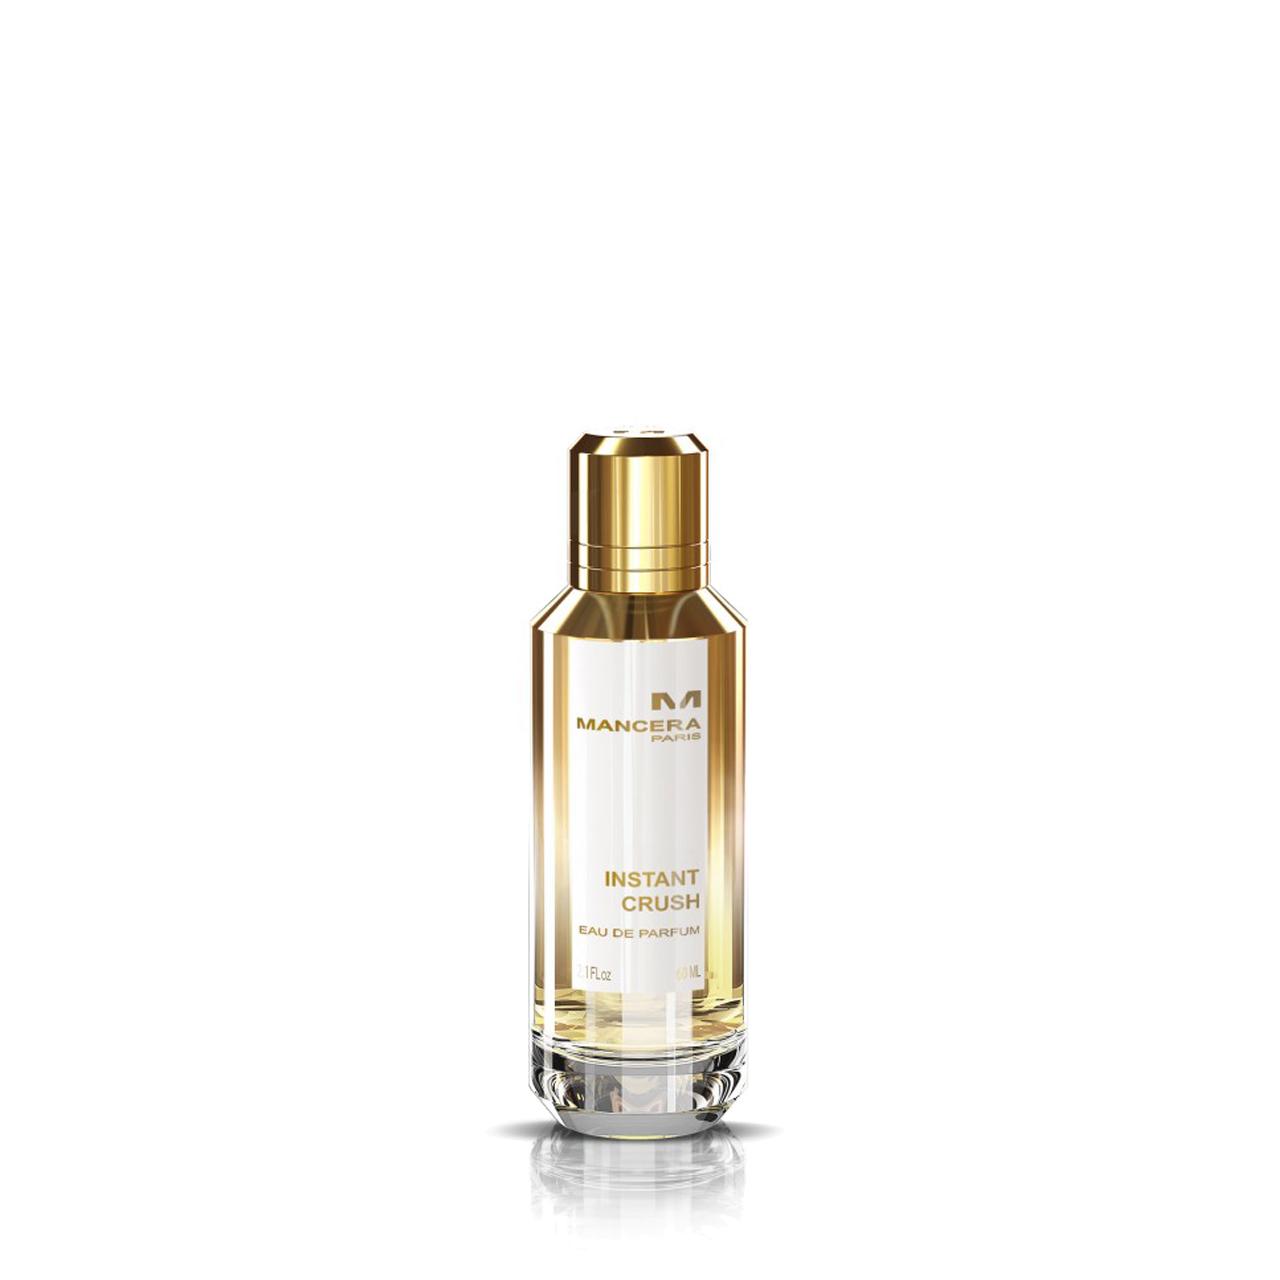 Instant Crush - Eau de Parfum